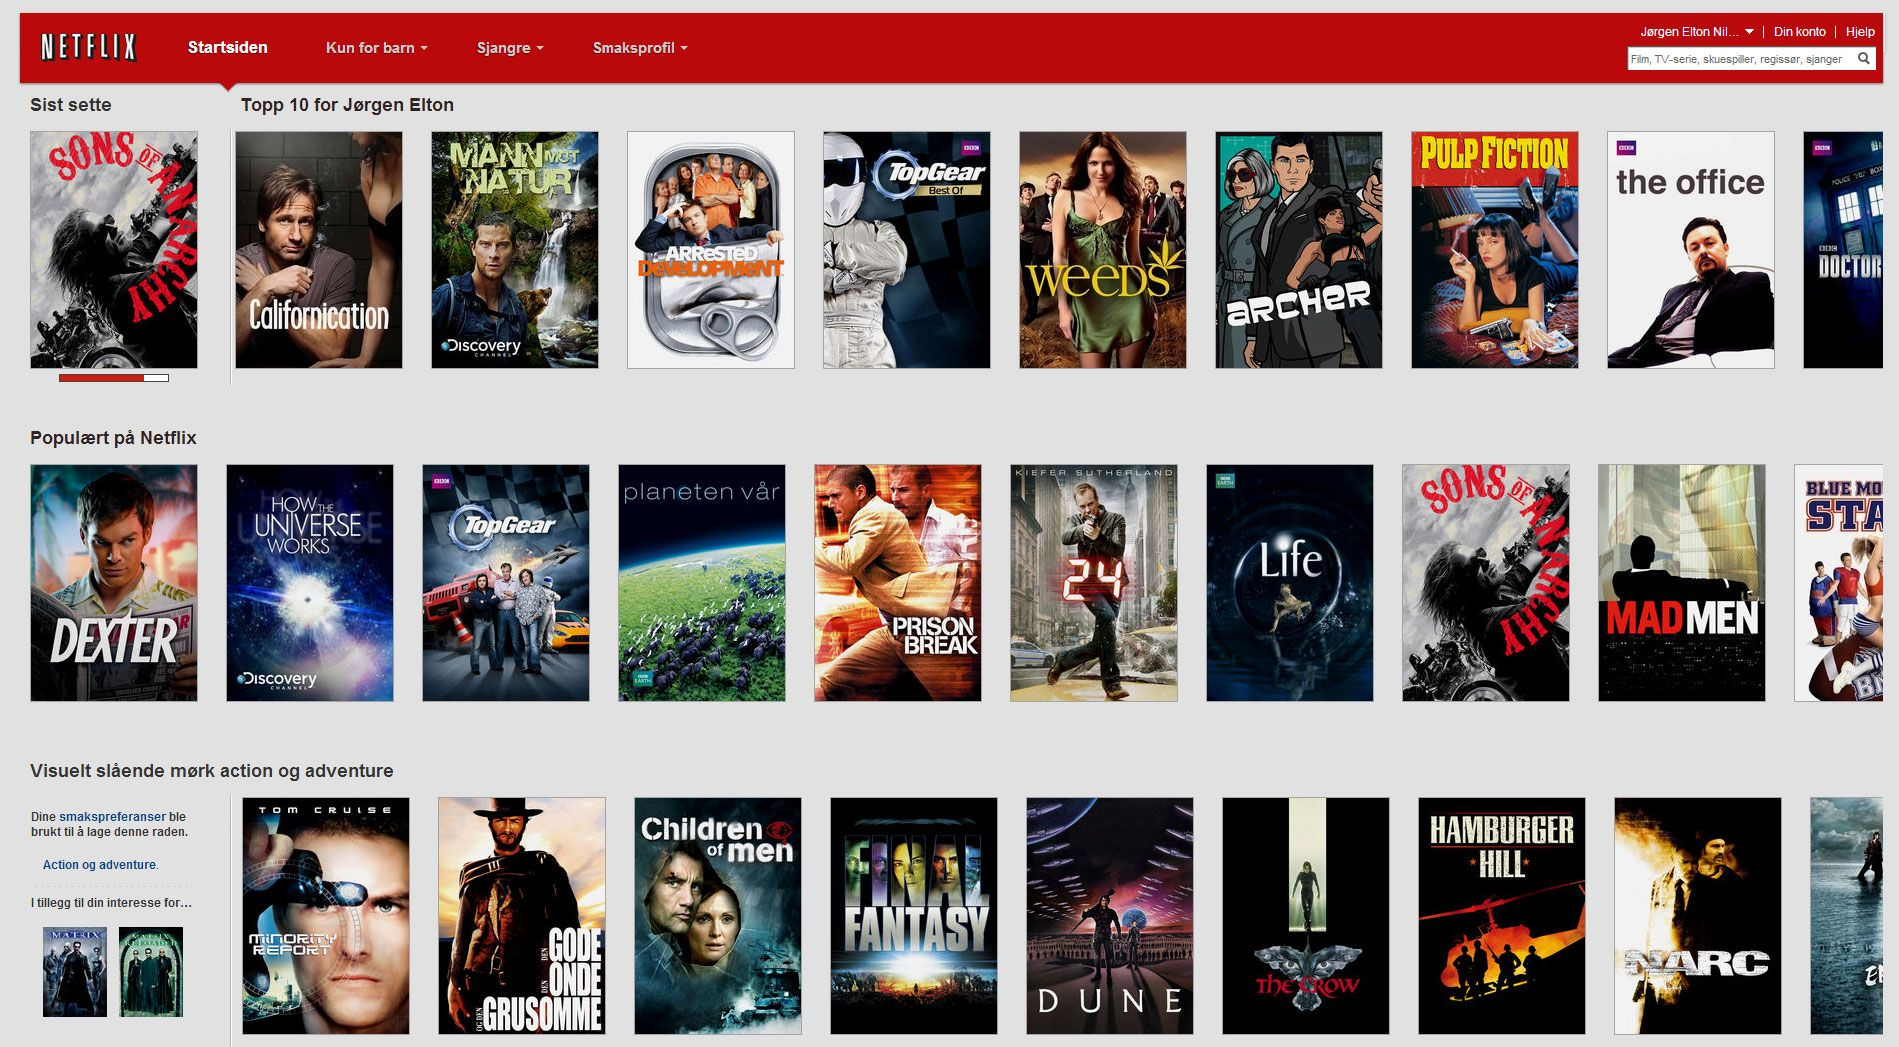 Netflix foreslår filmer som kan passe deg.Foto: Netflix